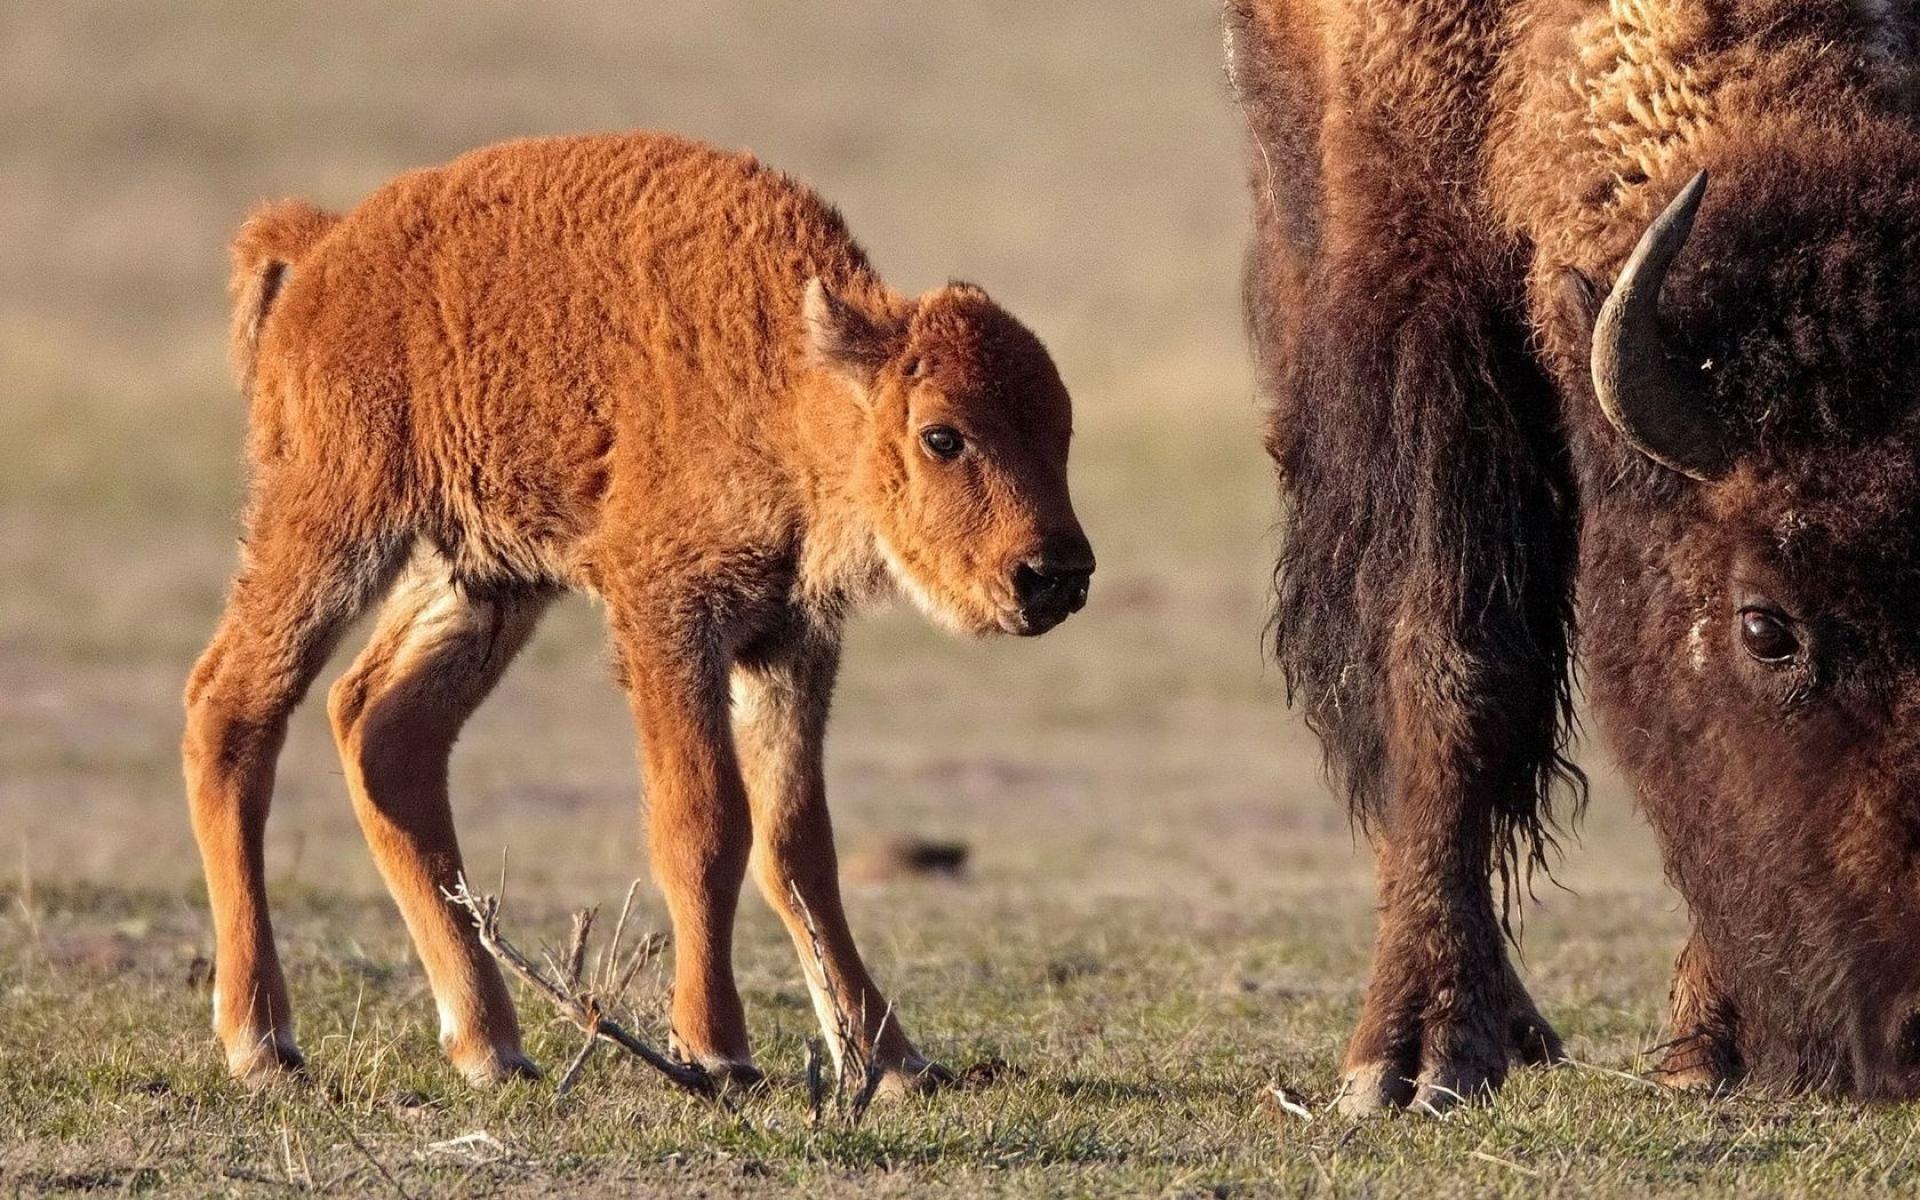 Картинки буйвол, теленок, трава, прогулка, питание животные фото и обои на рабочий стол